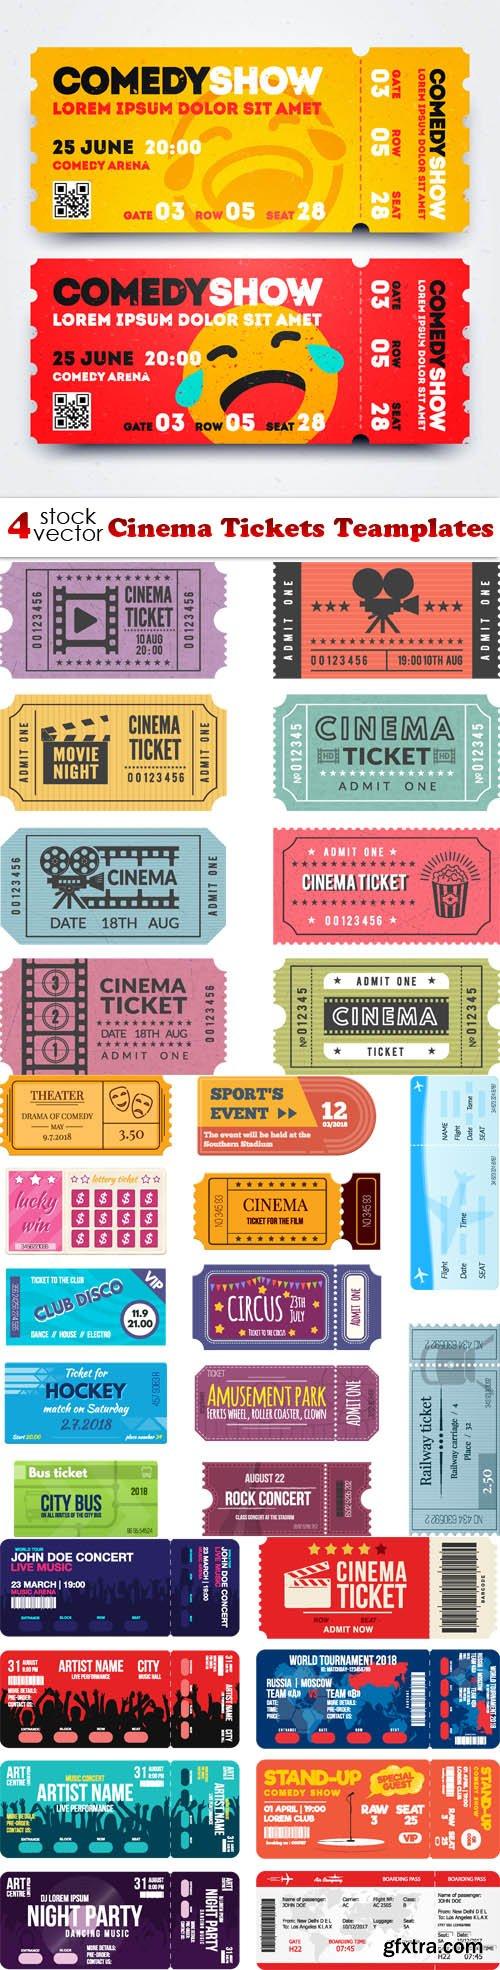 Vectors - Cinema Tickets Teamplates